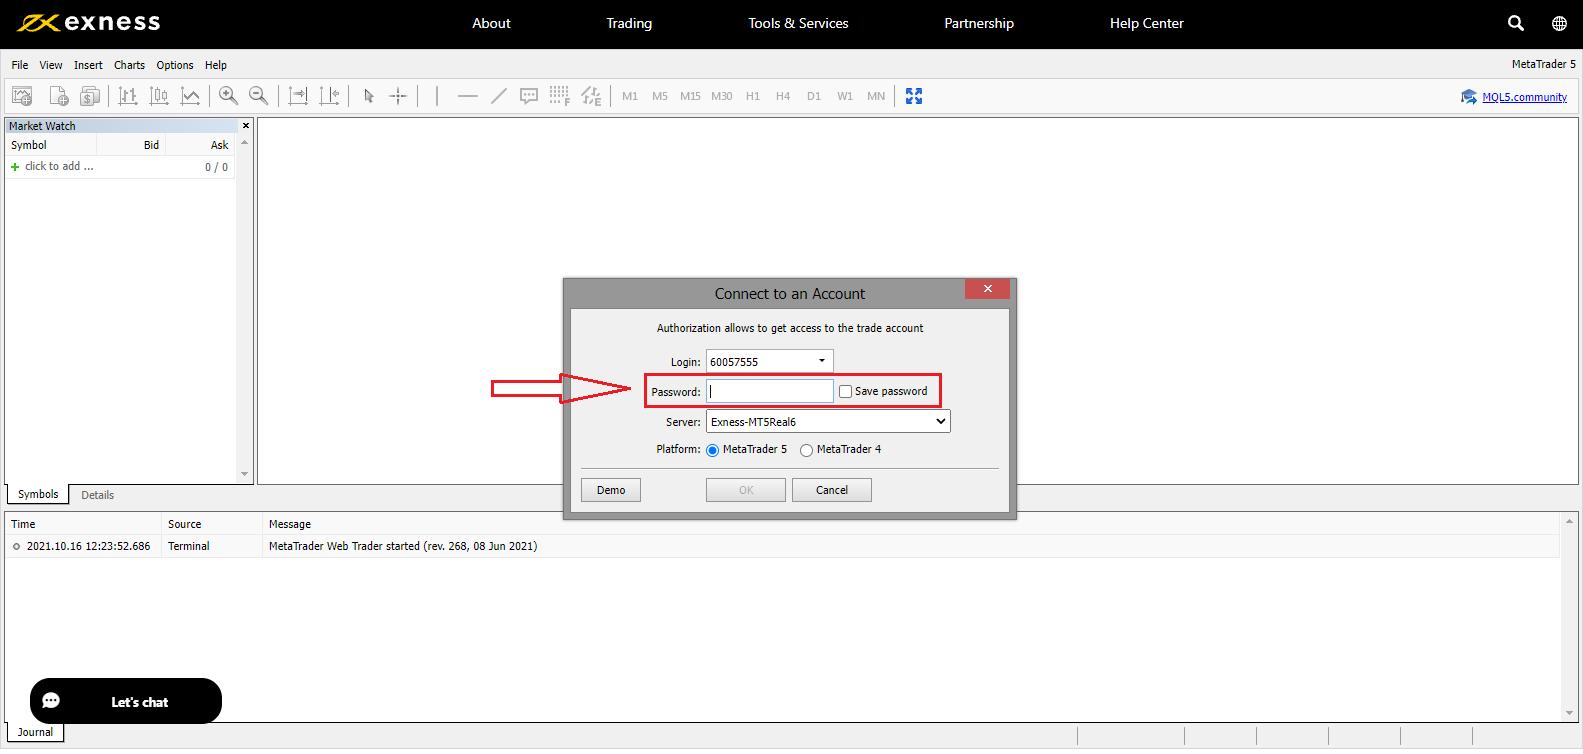 Exnessでアカウントにサインアップしてログインする方法